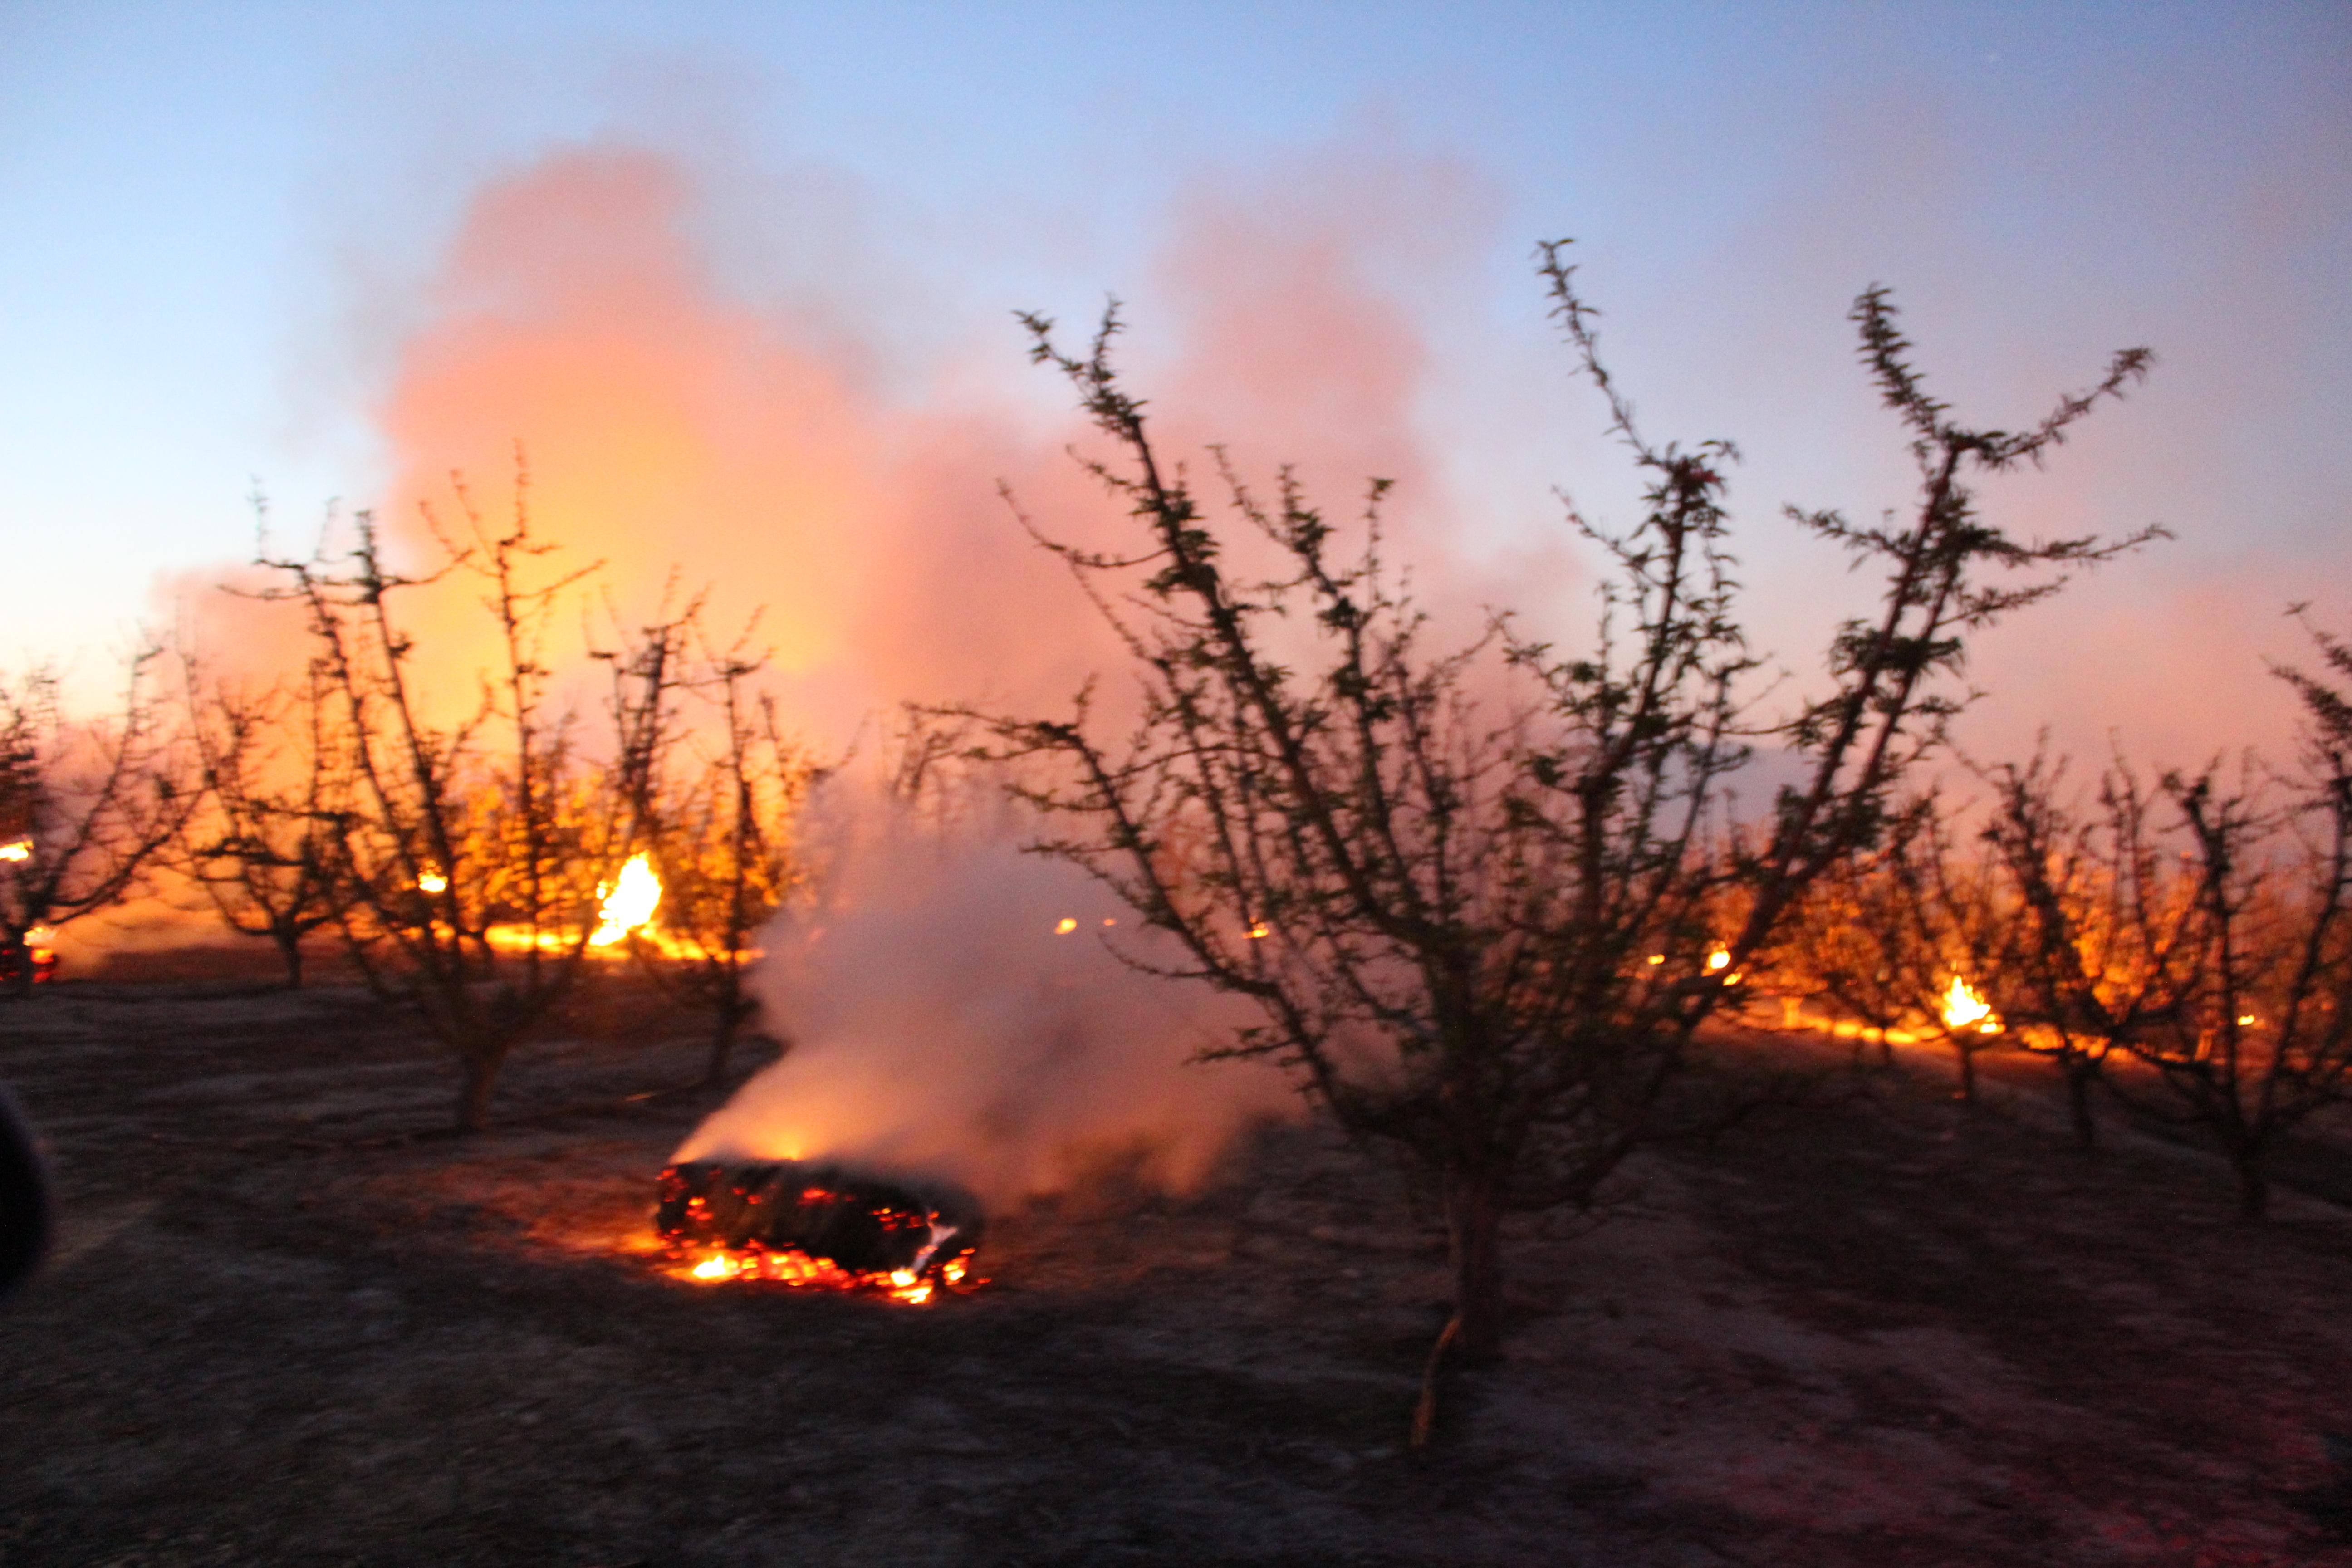 Balas antihelada quemándose en Cieza. Imagen: José Antonio Herrera Sánchez / EEA